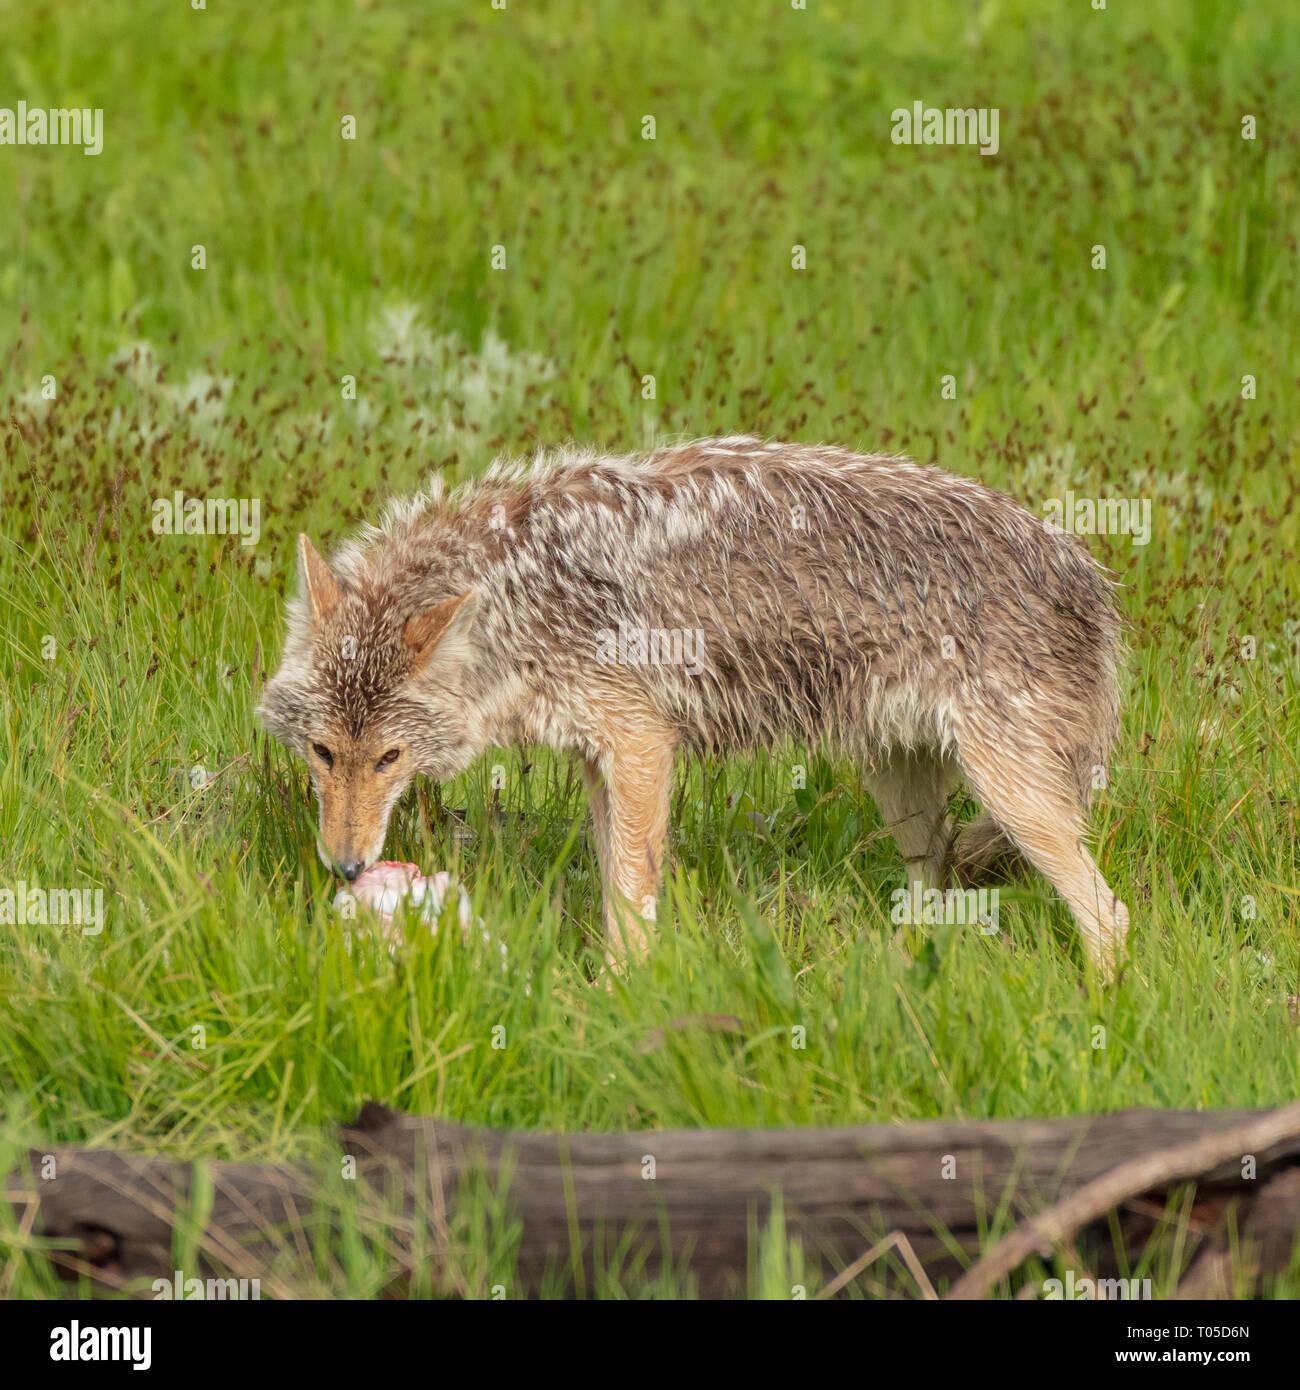 Le coyote se nourrit de carcasses de petits élans dans domaine